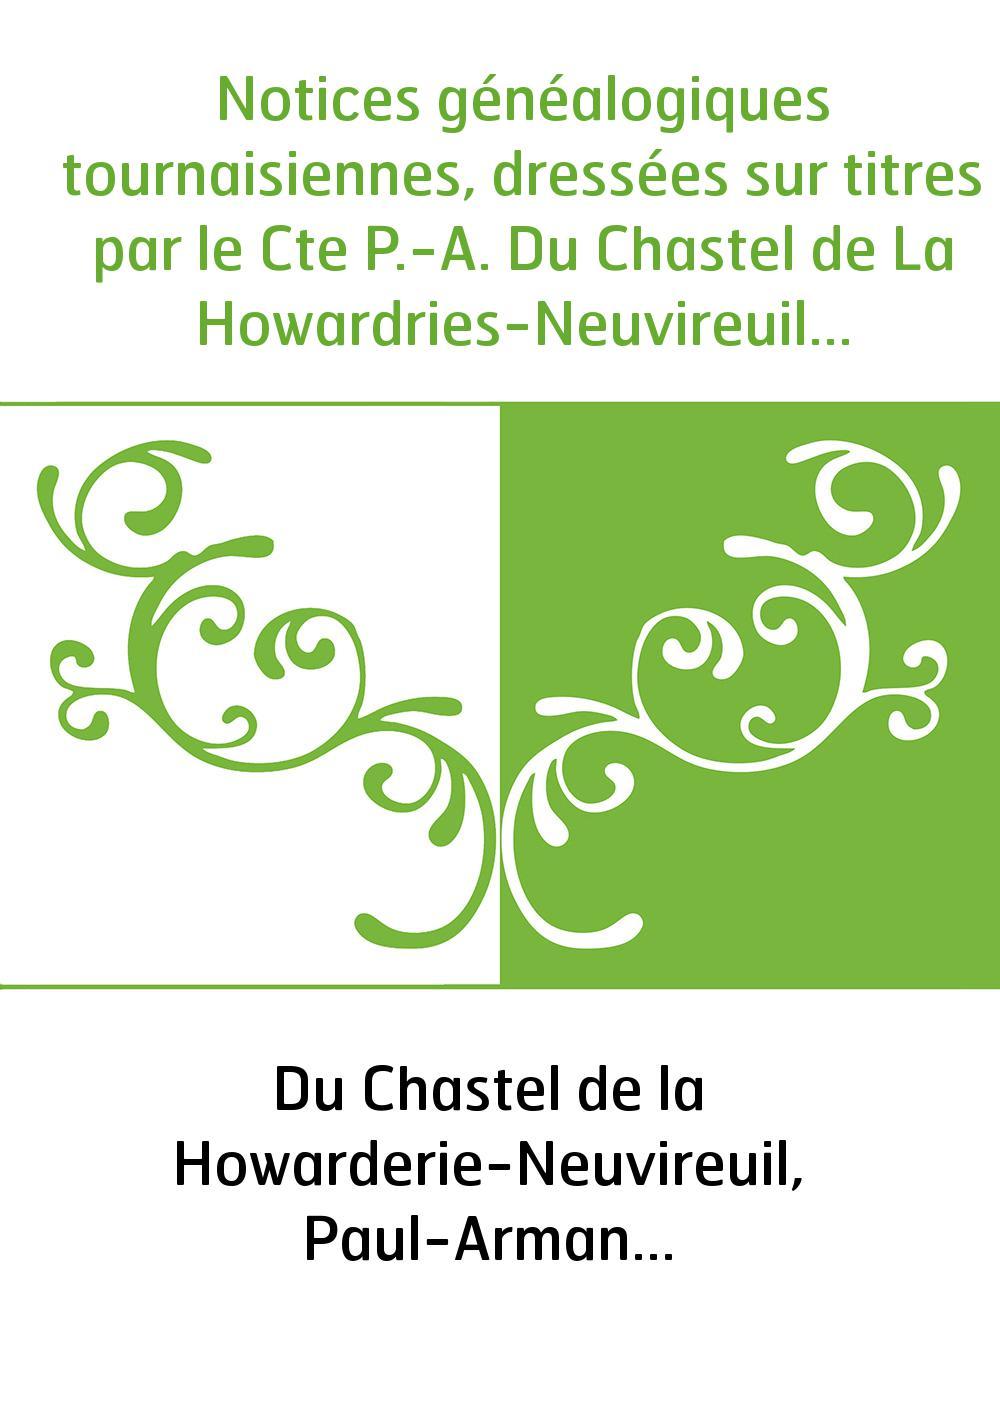 Notices généalogiques tournaisiennes, dressées sur titres par le Cte P.-A. Du Chastel de La Howardries-Neuvireuil...